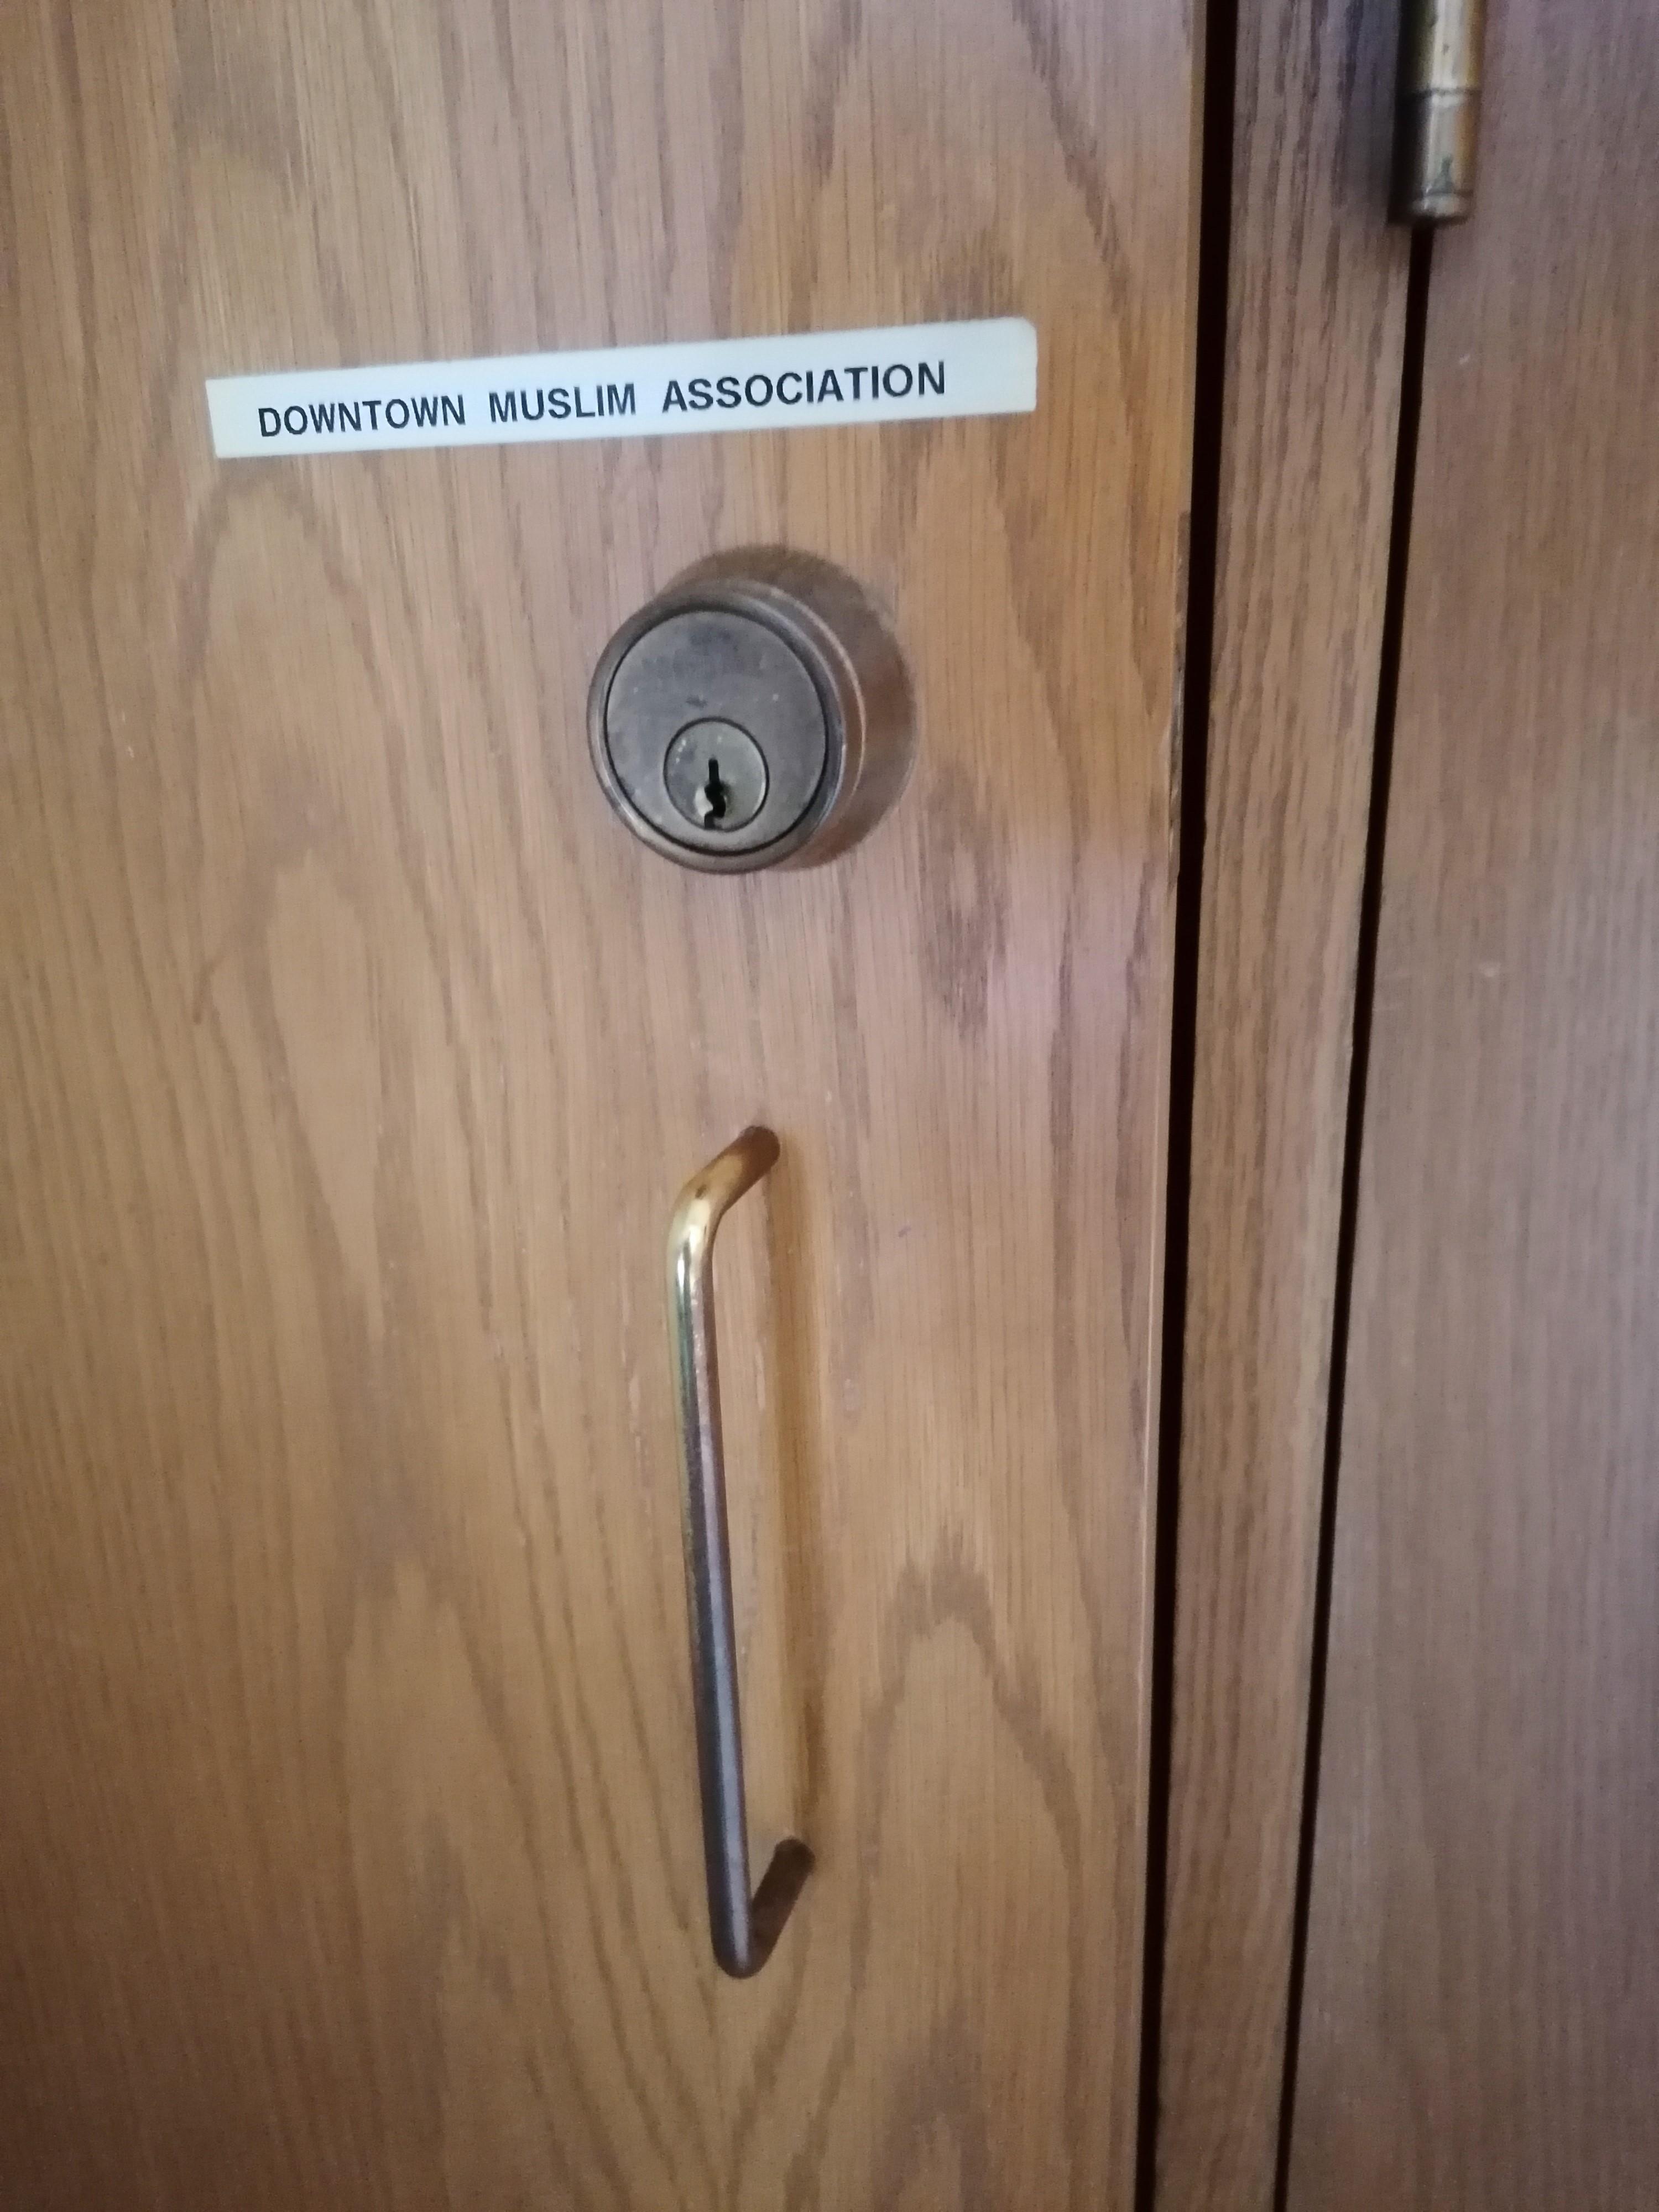 ...akiknek nevét a szekrényen olvashattuk is angolul.